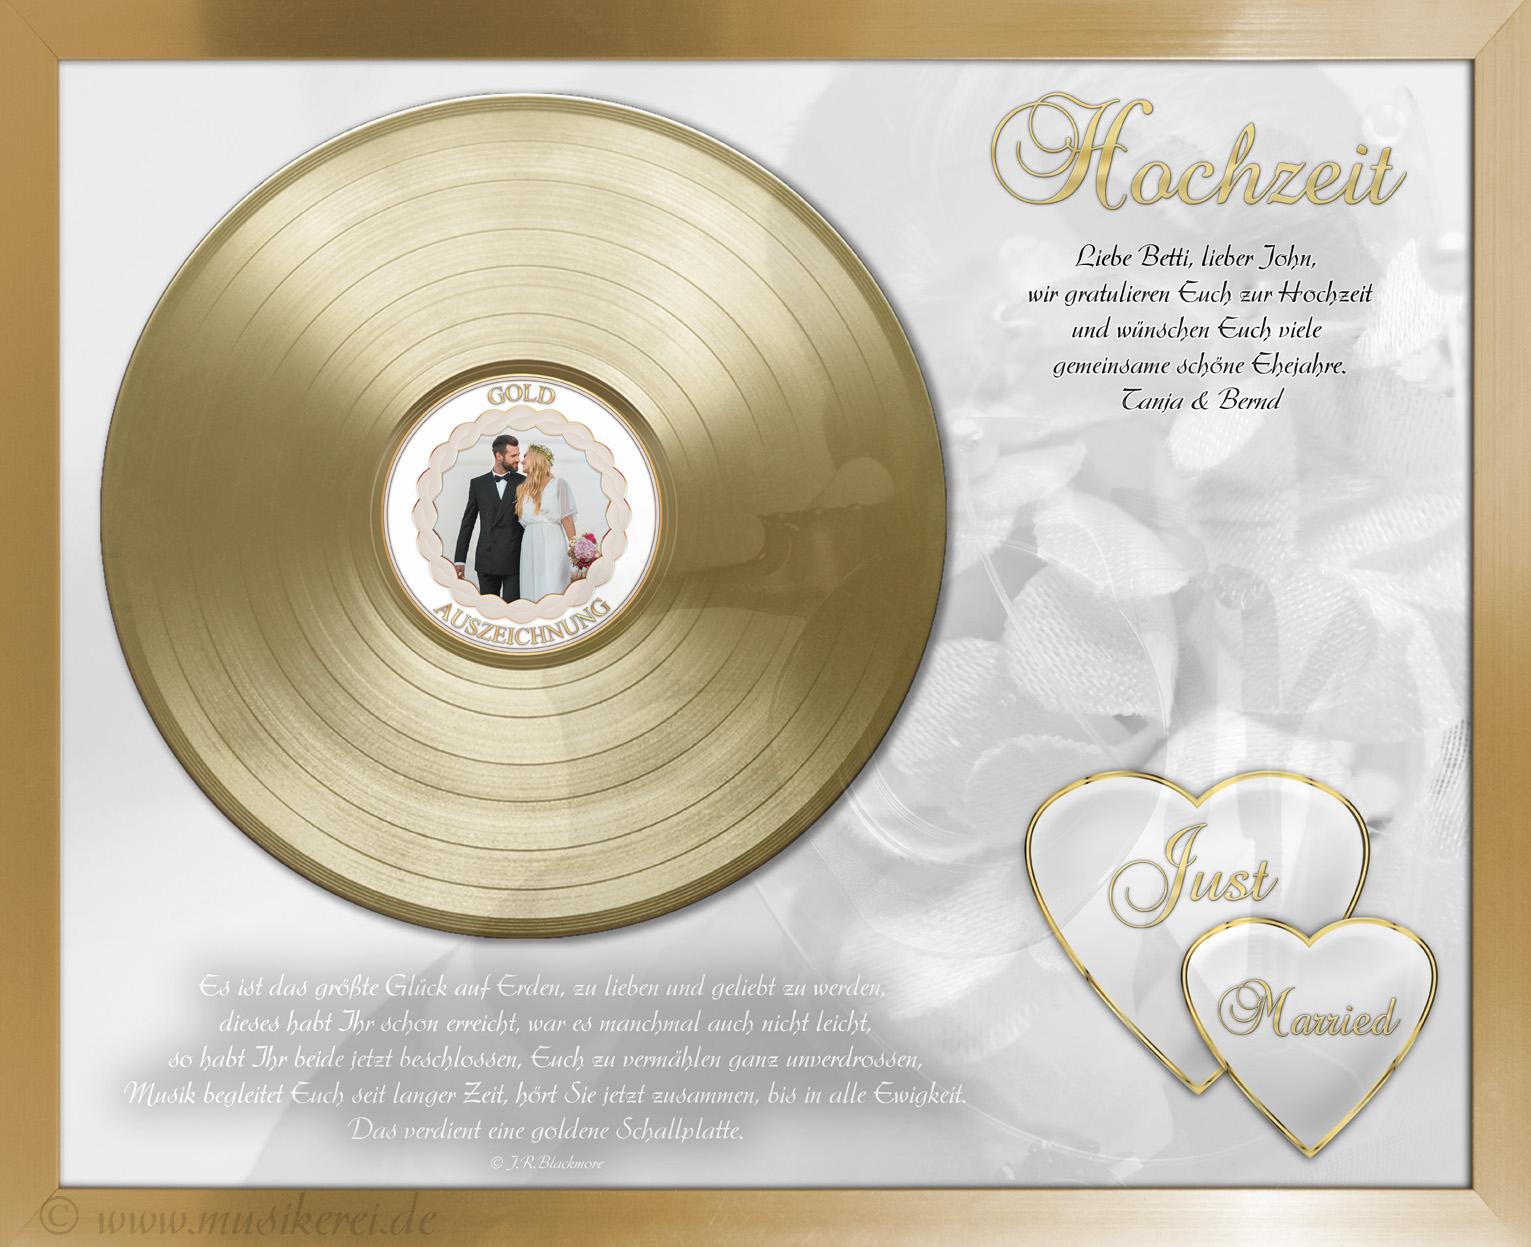 Musikerei Goldene Oder Silberne Schallplatte Für Die Hochzeit